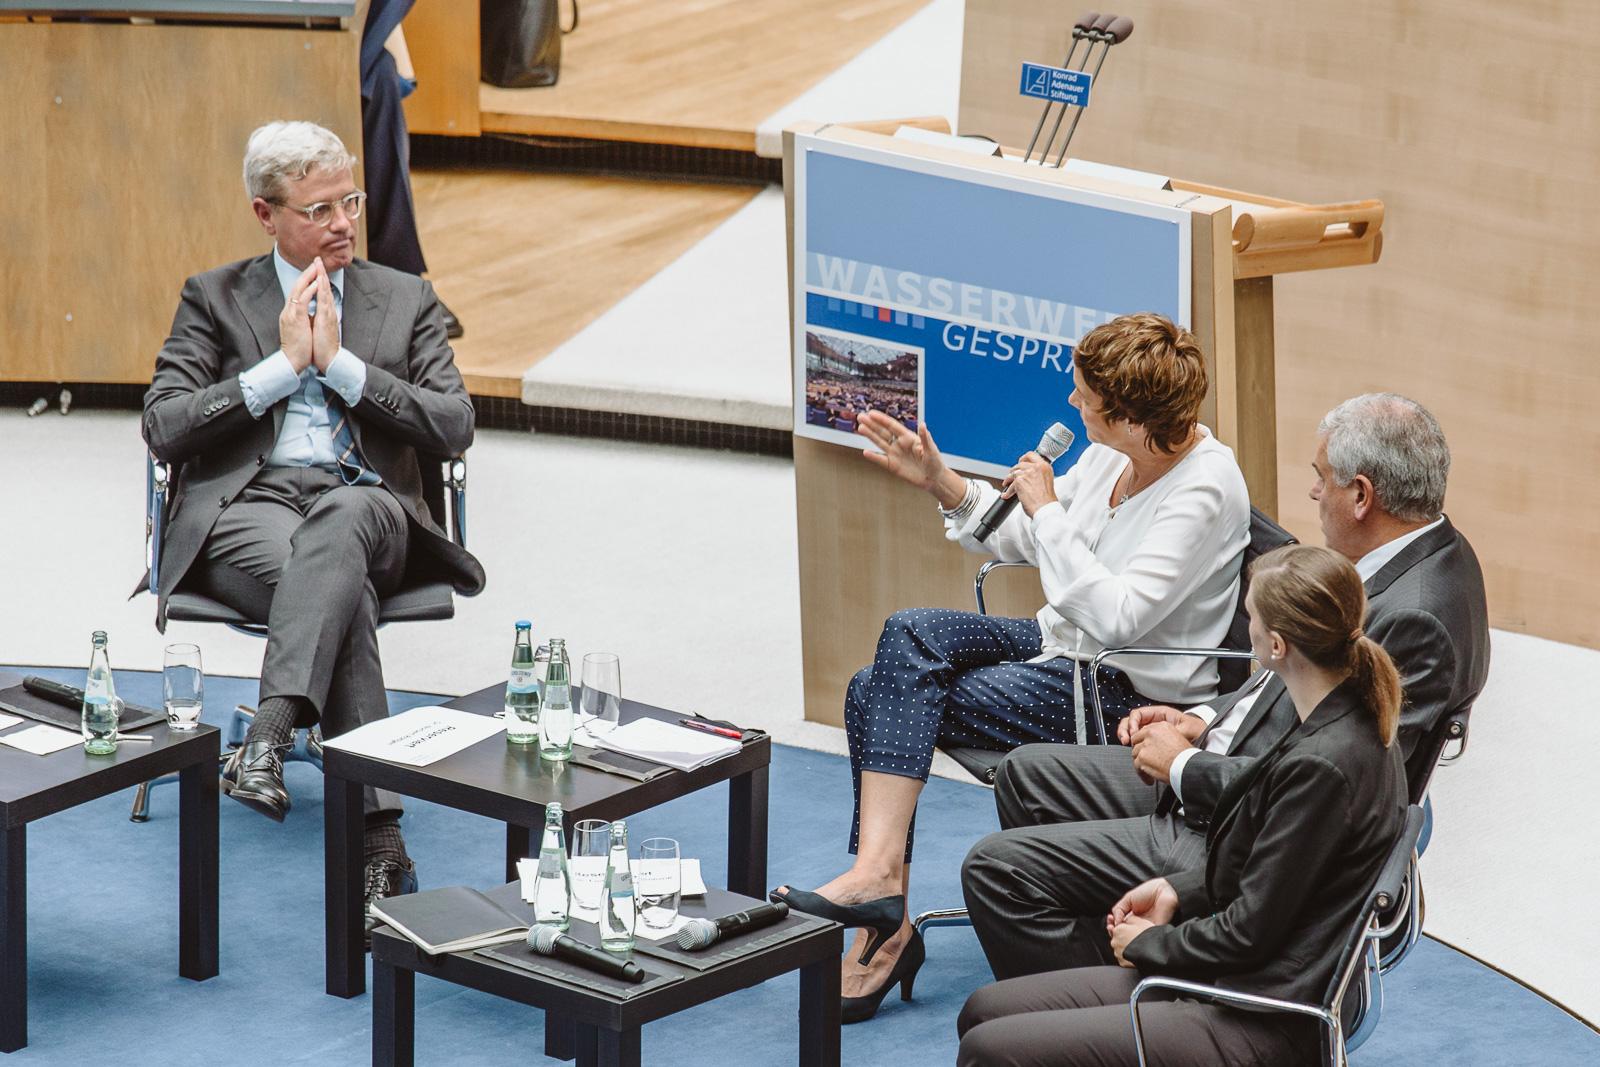 Konferenzfotografie - Dr. Norbert Röttgen - Wasserwerkgespräch der Konrad-Adenauer-Stifung - Gesprächsrunde